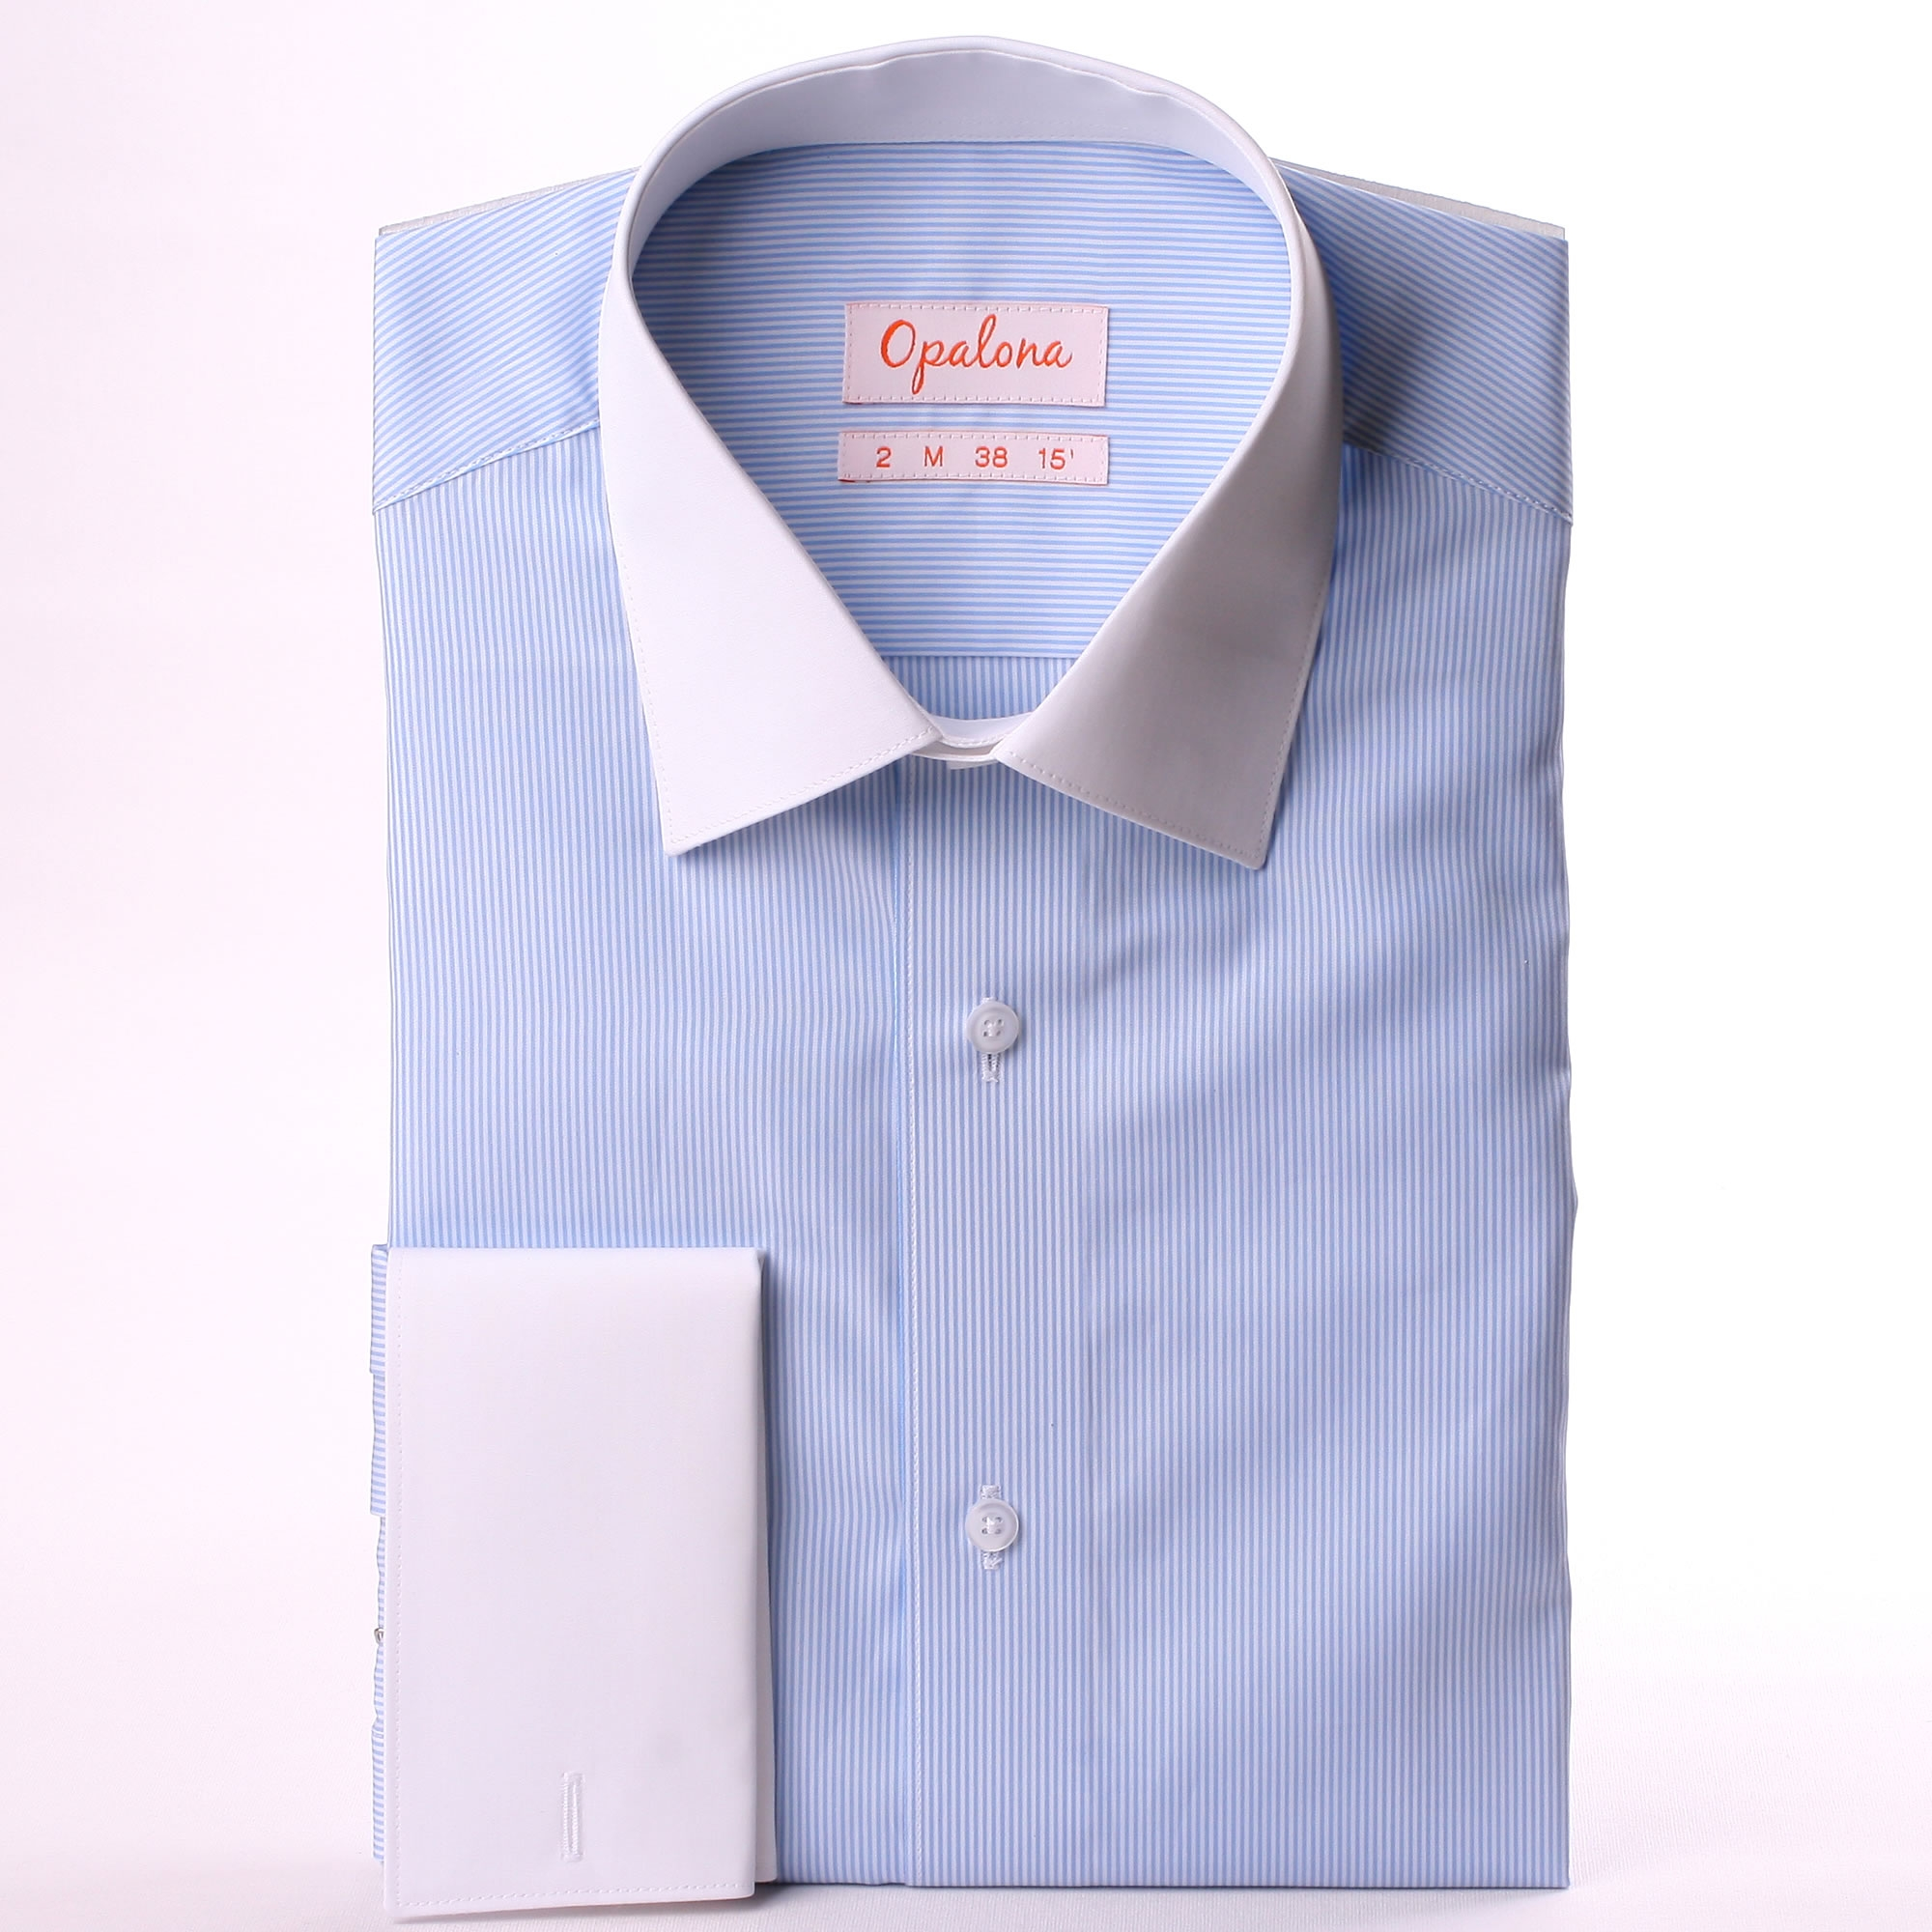 wei und blau gestreiftes hemd mit wei em kragen und manschetten. Black Bedroom Furniture Sets. Home Design Ideas